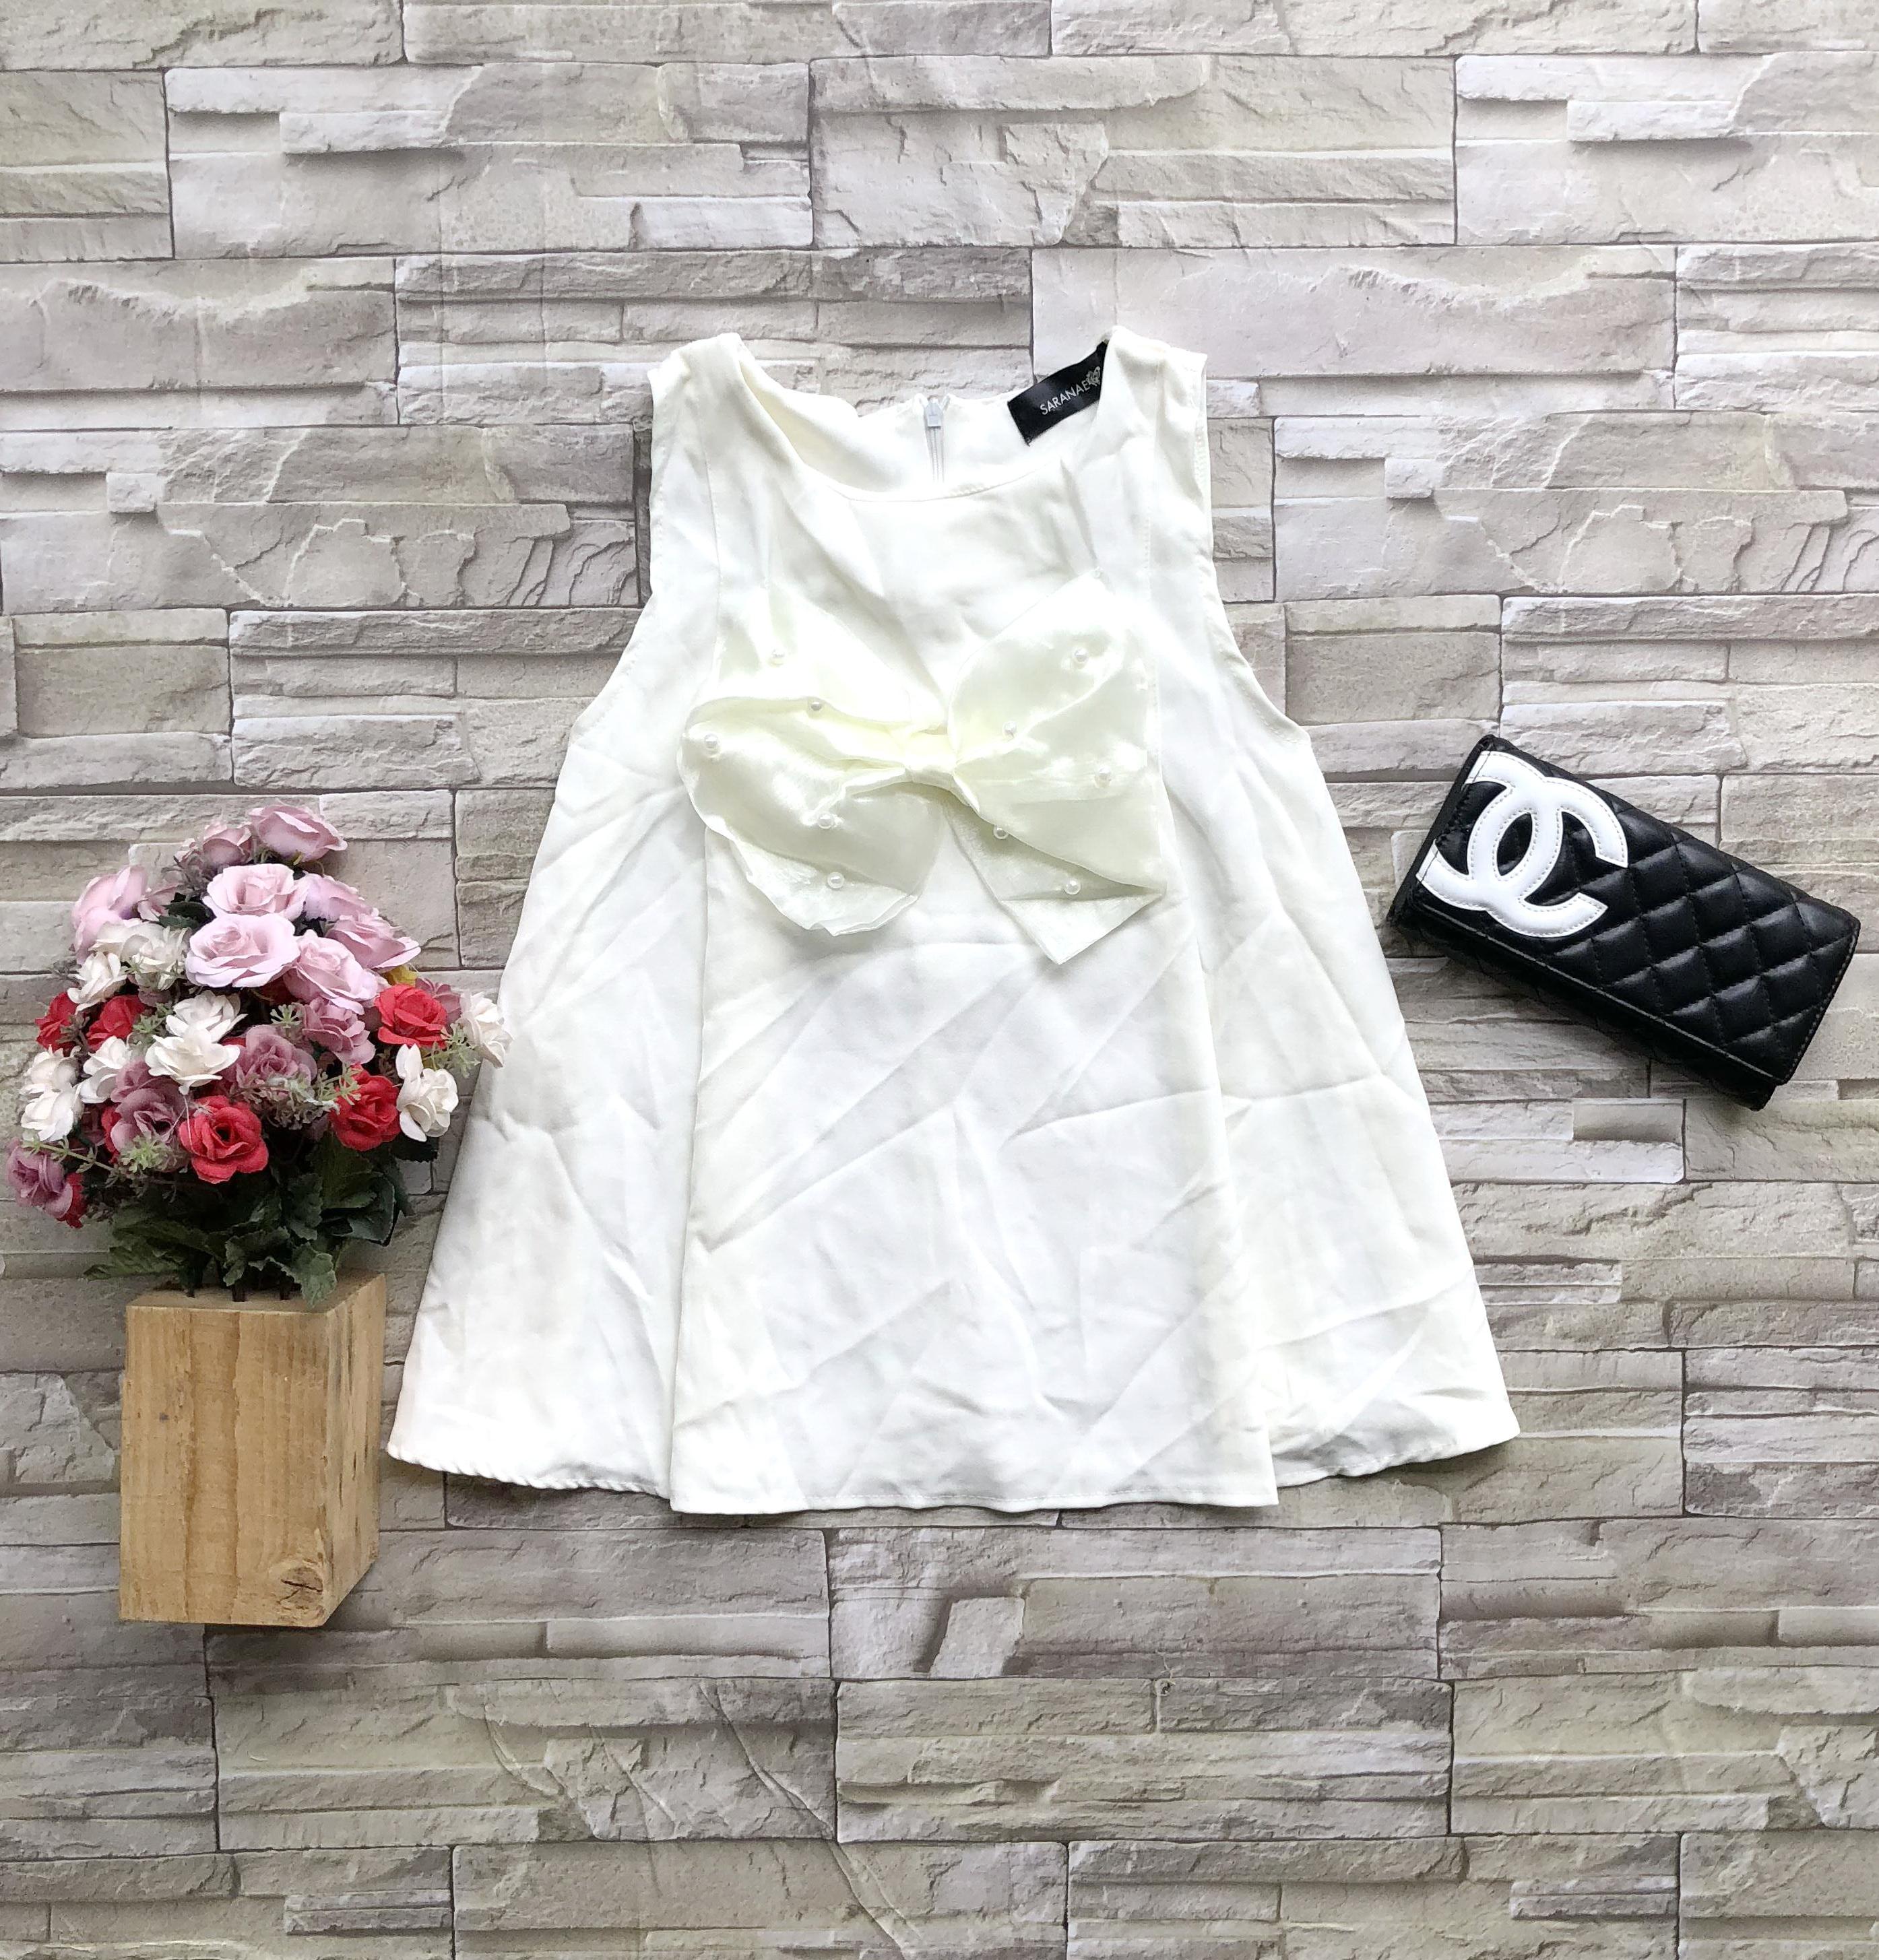 ส่ง:เสื้อฮานาโกะแต่งโบว์ติดมุกขาวทรงสวิงแบบน่ารัก/อก37